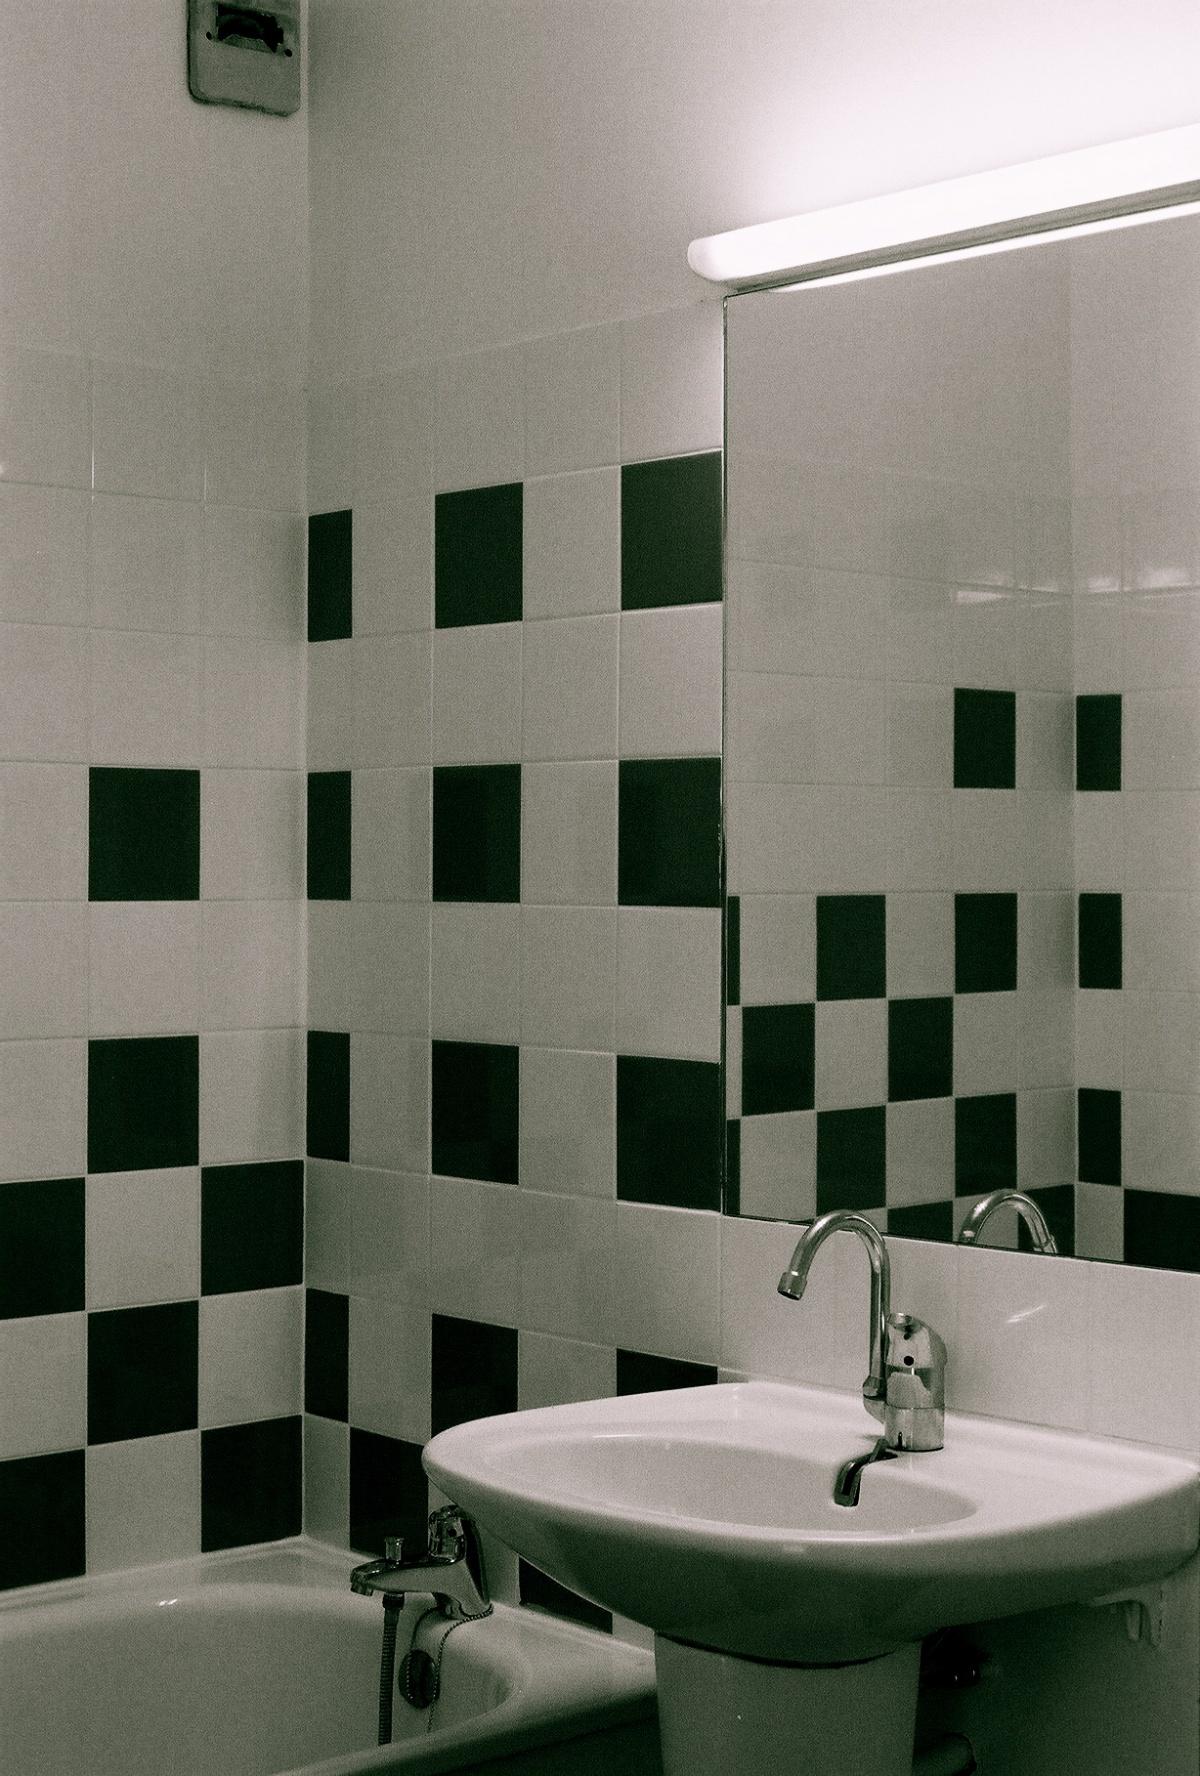 Domofrance : amélioration des salles de bains/salles d'eau de la résidence Le Sulky : FH000014.JPG